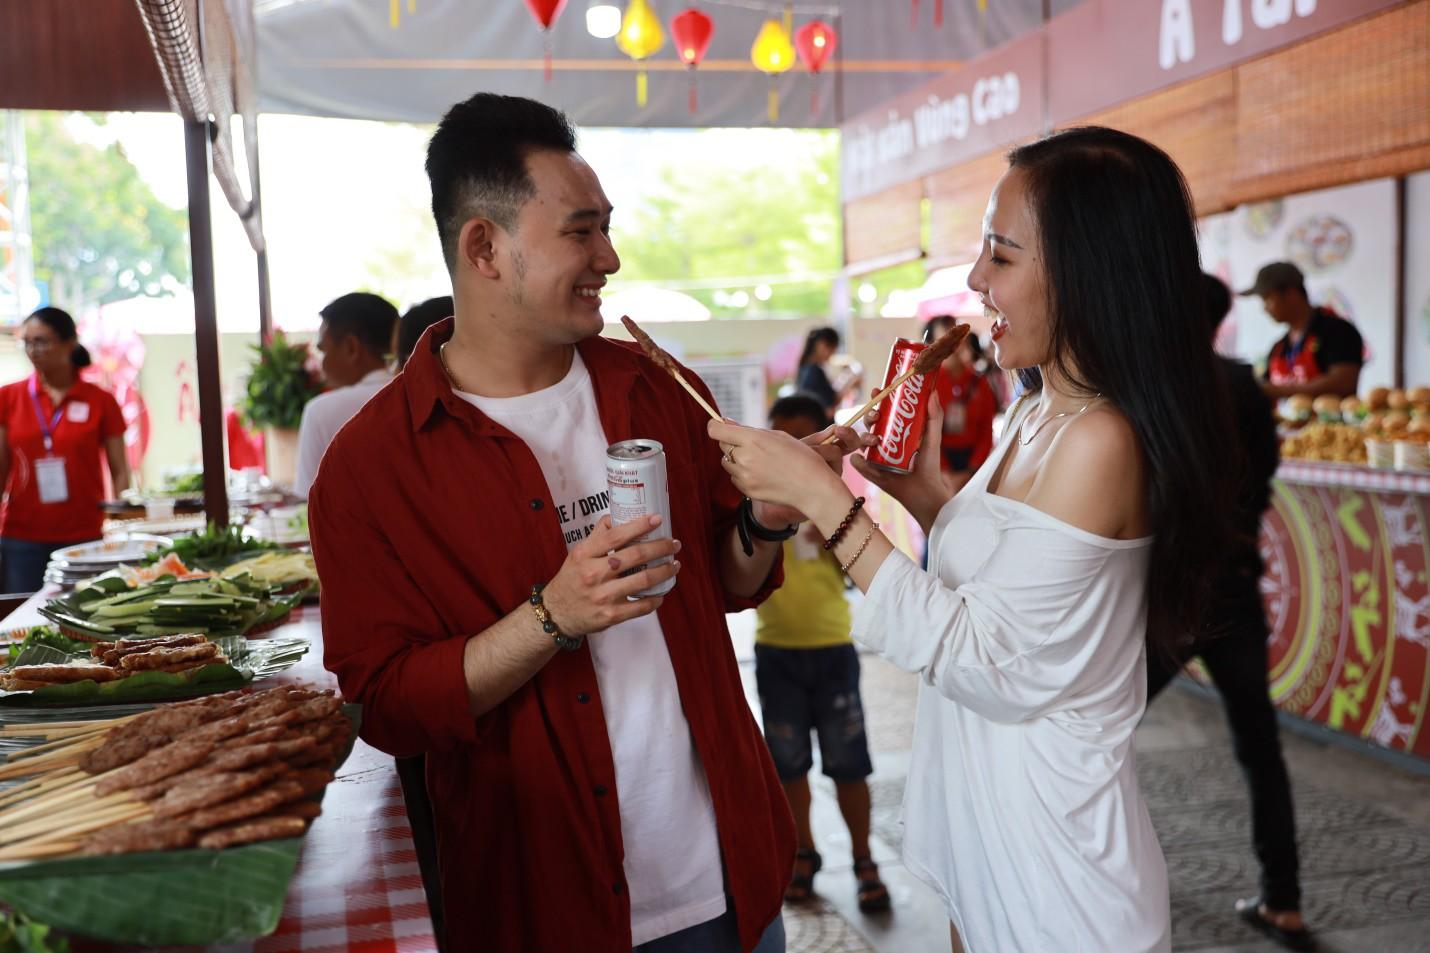 Hàng trăm tín đồ ẩm thực Việt thỏa mãn hết nấc vì được đắm mình trong thiên đường của ngon vật lạ! - Hình 5